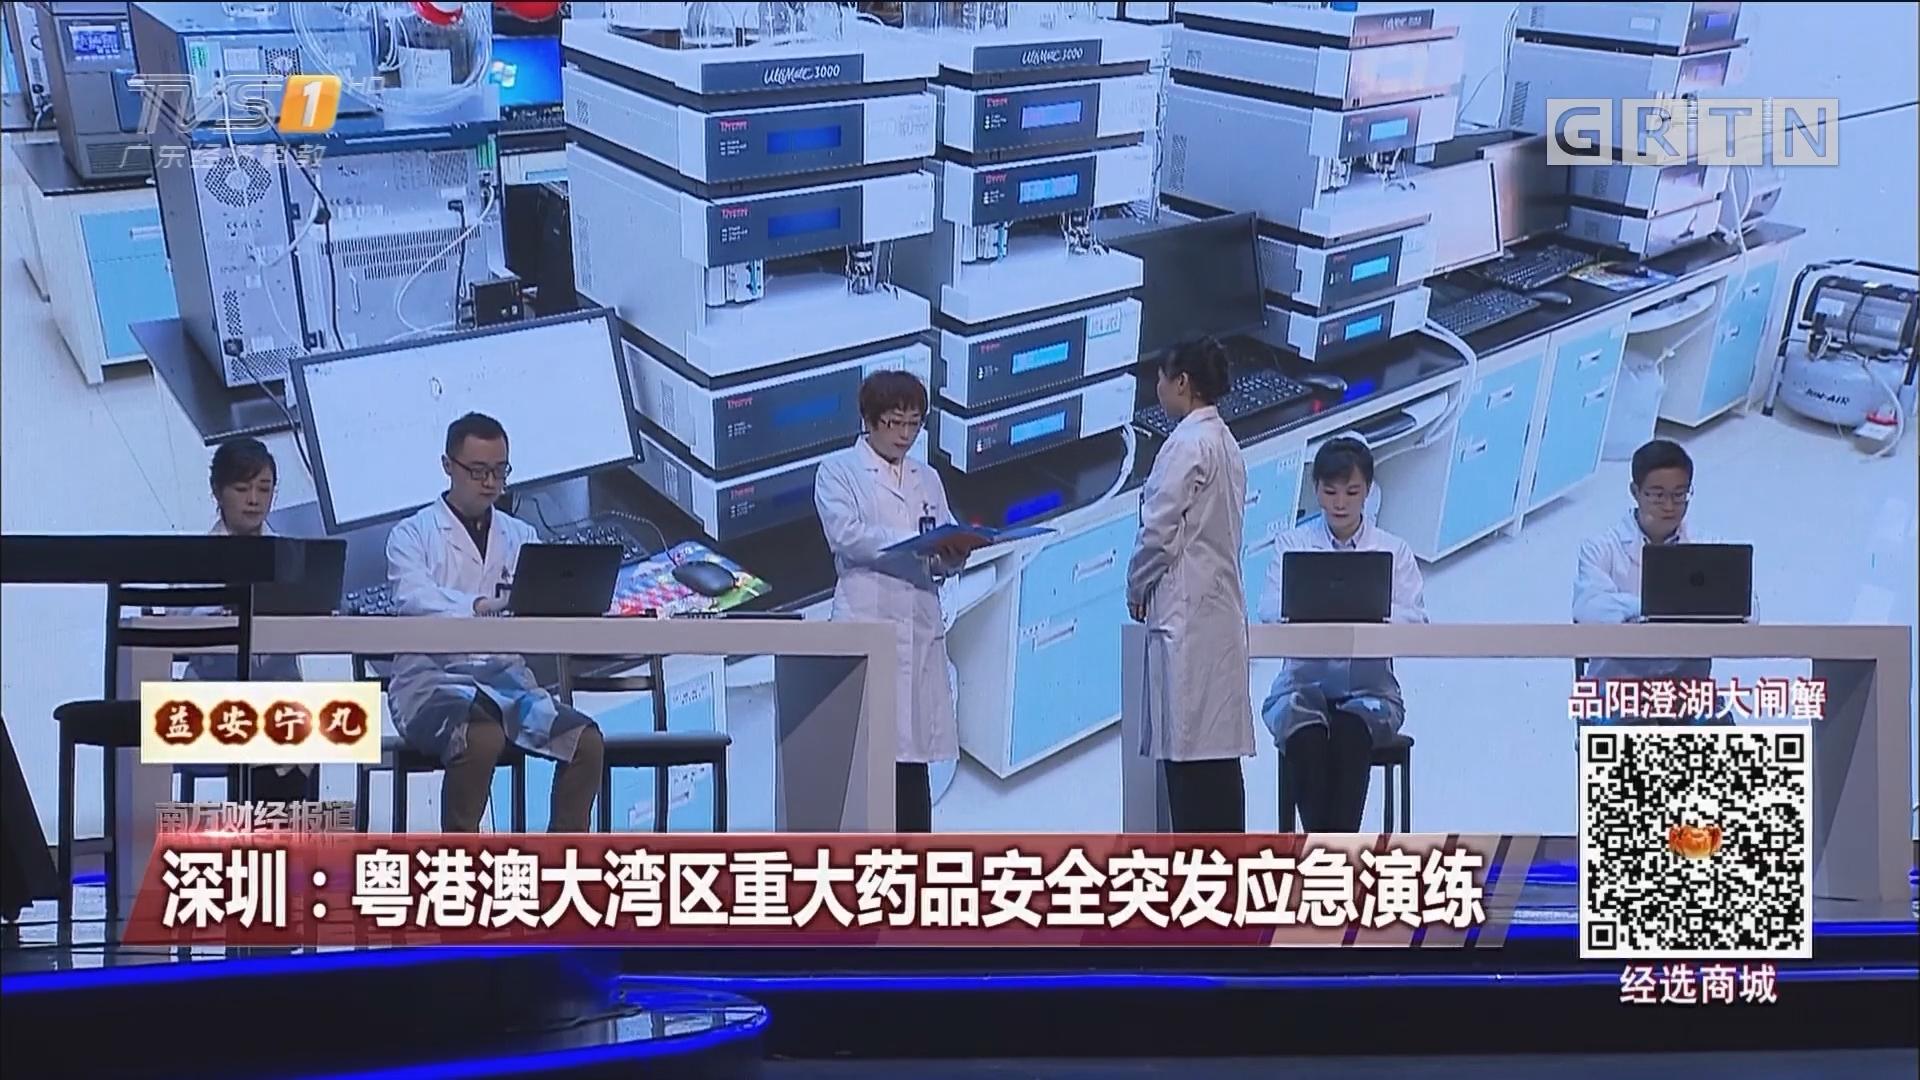 深圳:粤港澳大湾区重大药品安全突发应急演练